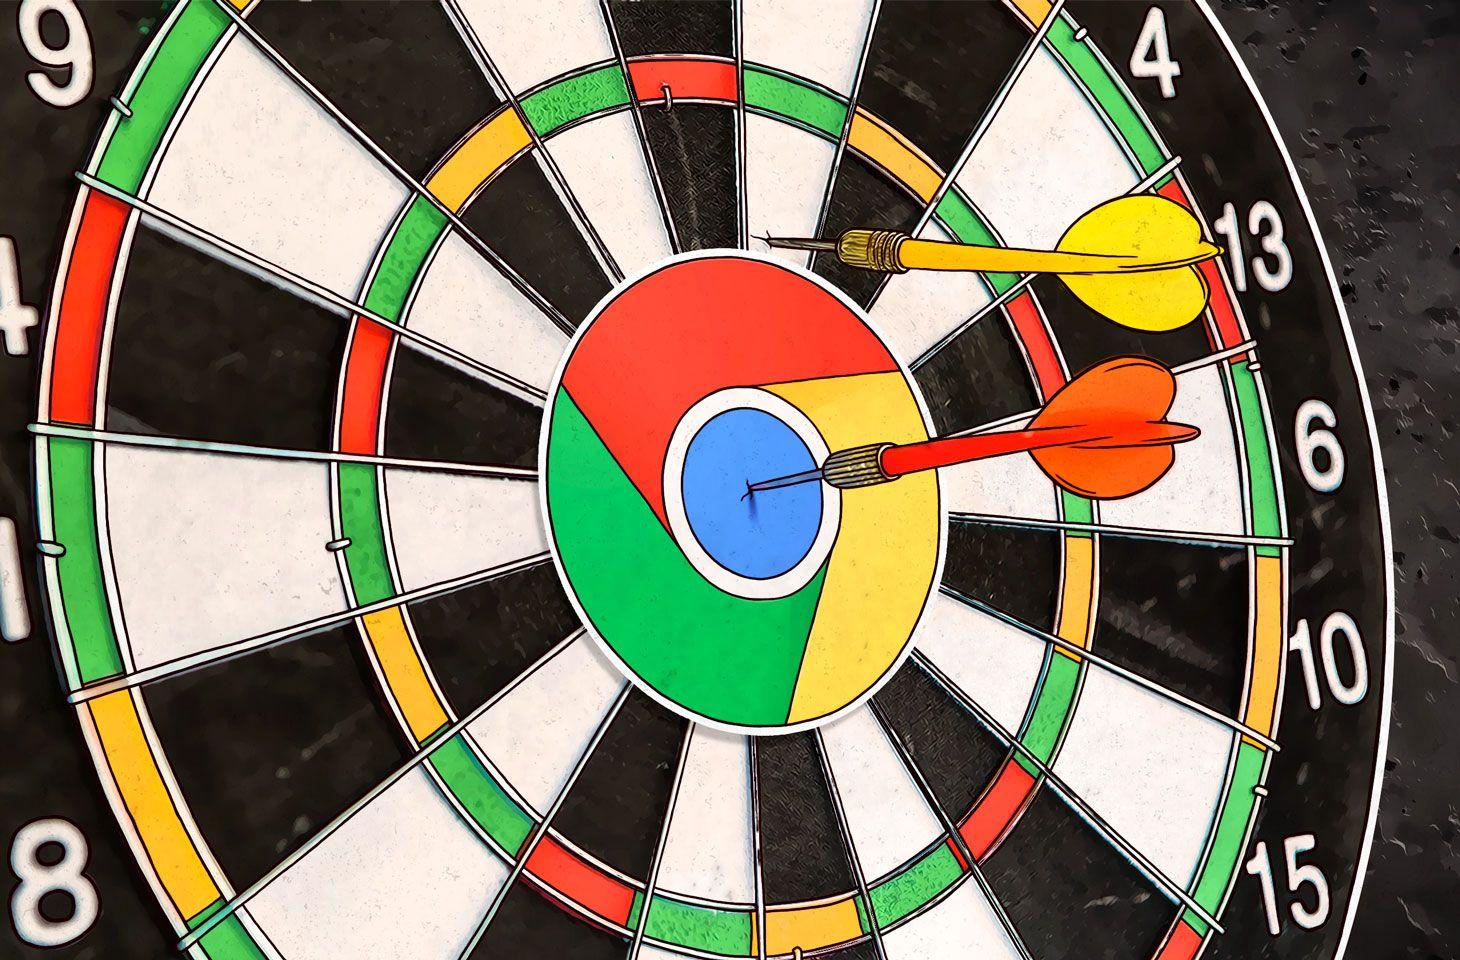 Группировка PuzzleMaker атакует компании с помощью 0Day-уязвимостей в Chrome и Windows 10